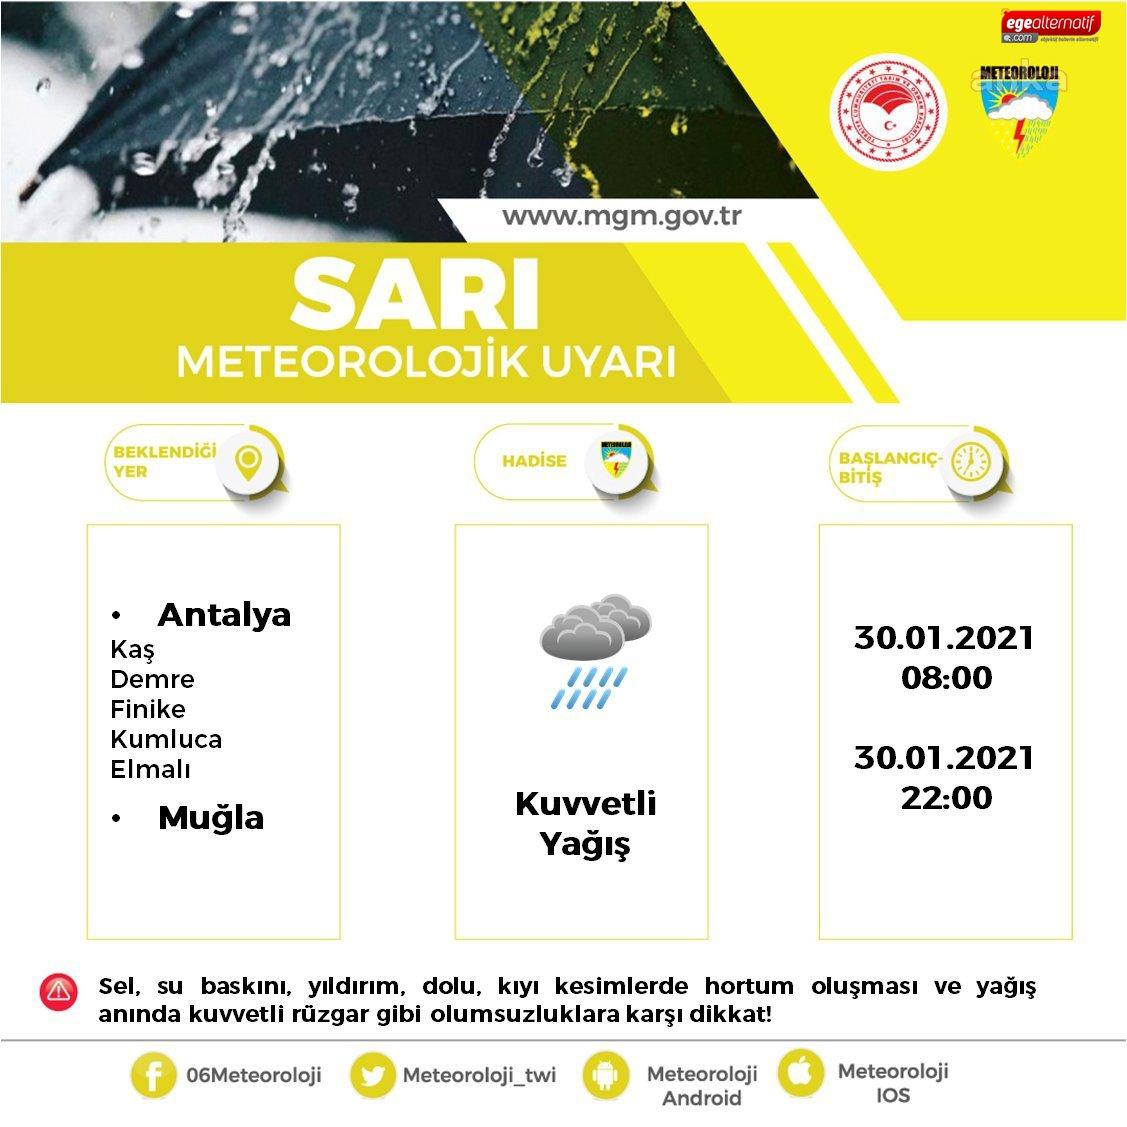 Meteoroloji'den Muğla için kuvvetli yağış ve fırtına uyarısı